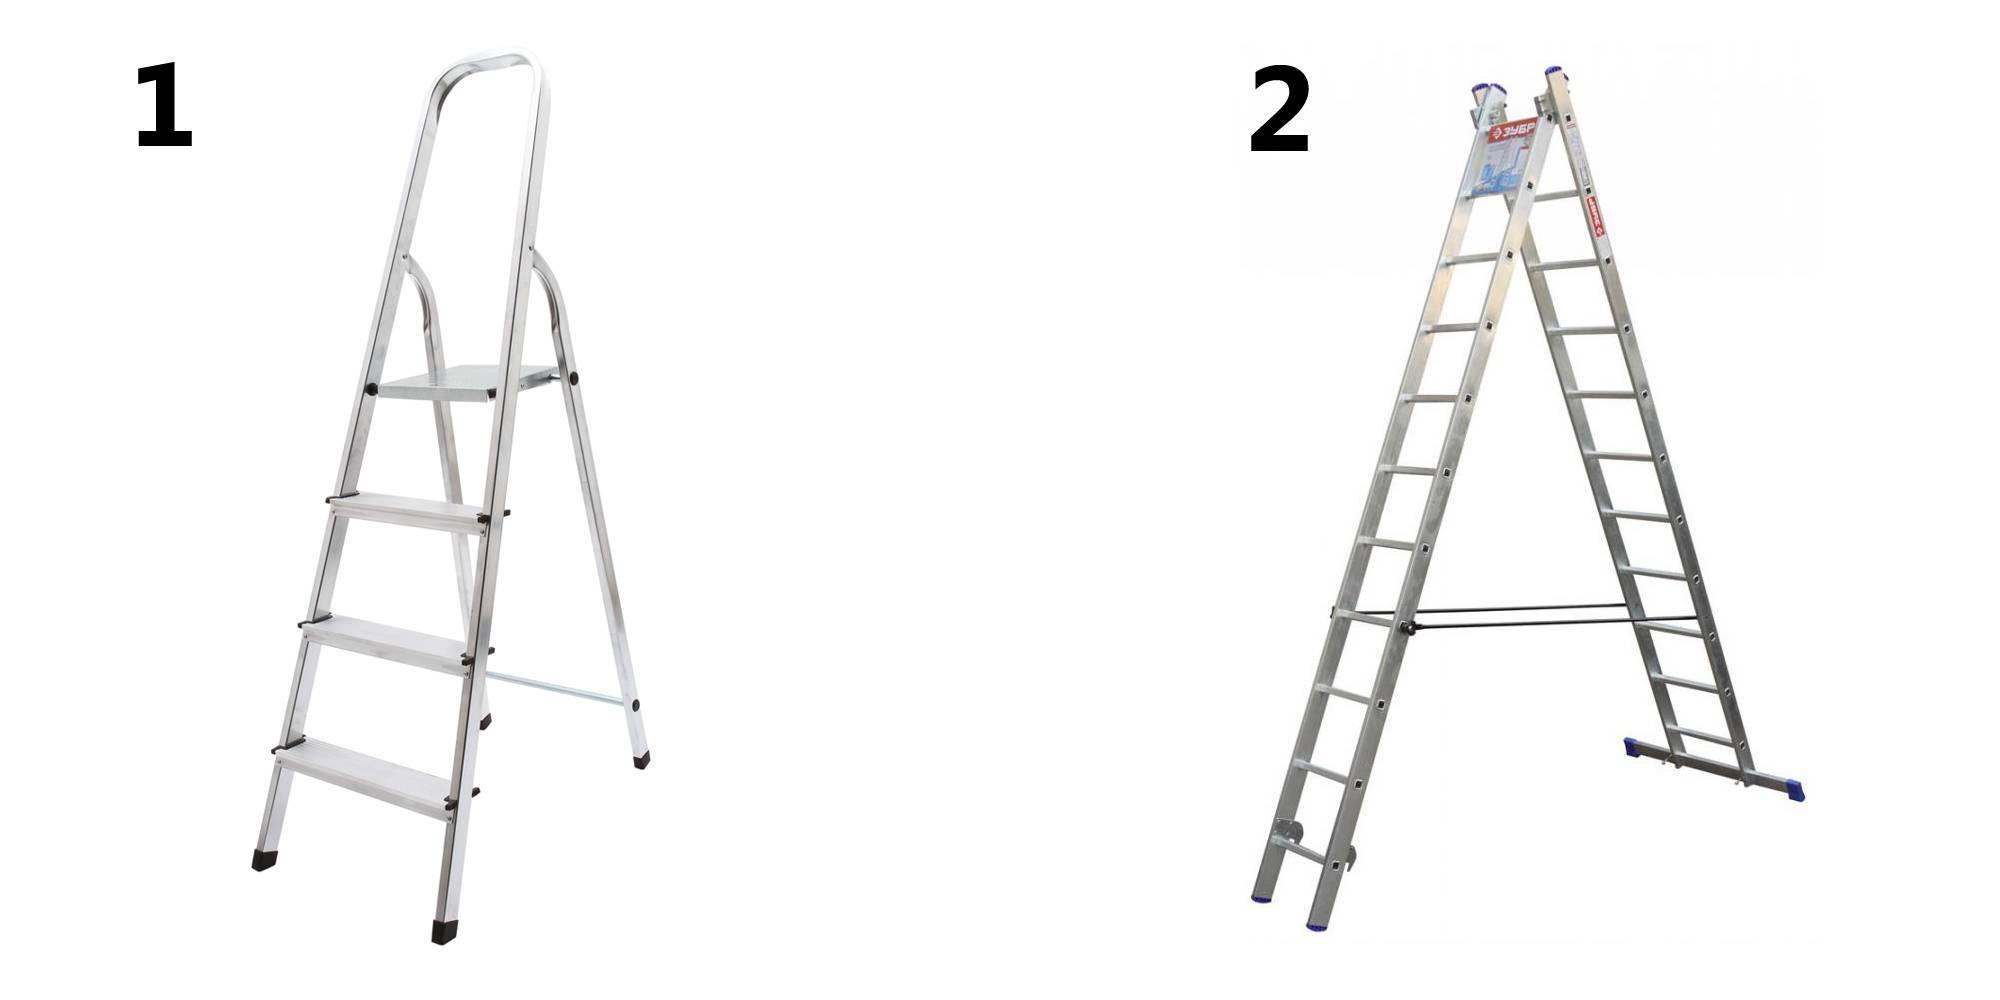 Стремянка из 2 ступеней: выбираем маленькую алюминиевую, деревянную или пластиковую двухступенчатые лестницы-трансформеры, особенности стремянок для детей